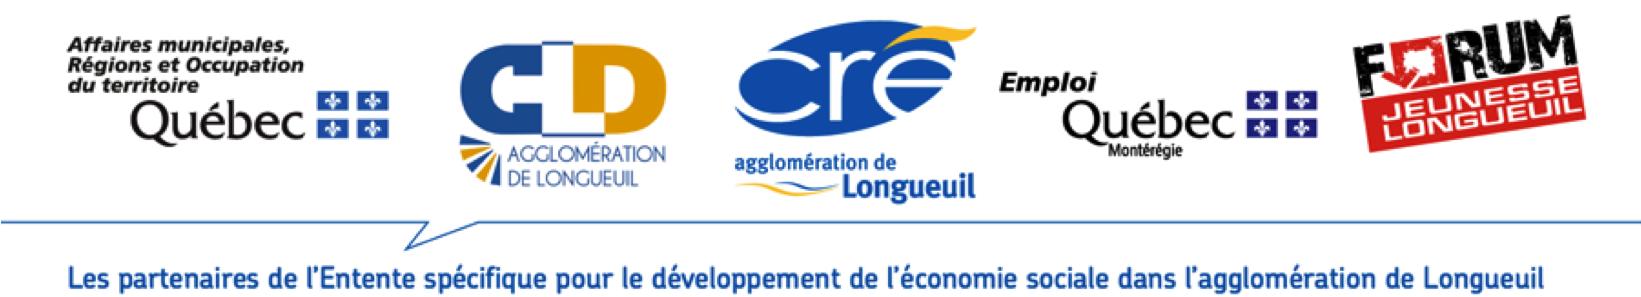 Partenaires pour le développement de l'économie sociale de l'agglomération de Longueuil 2009-2014